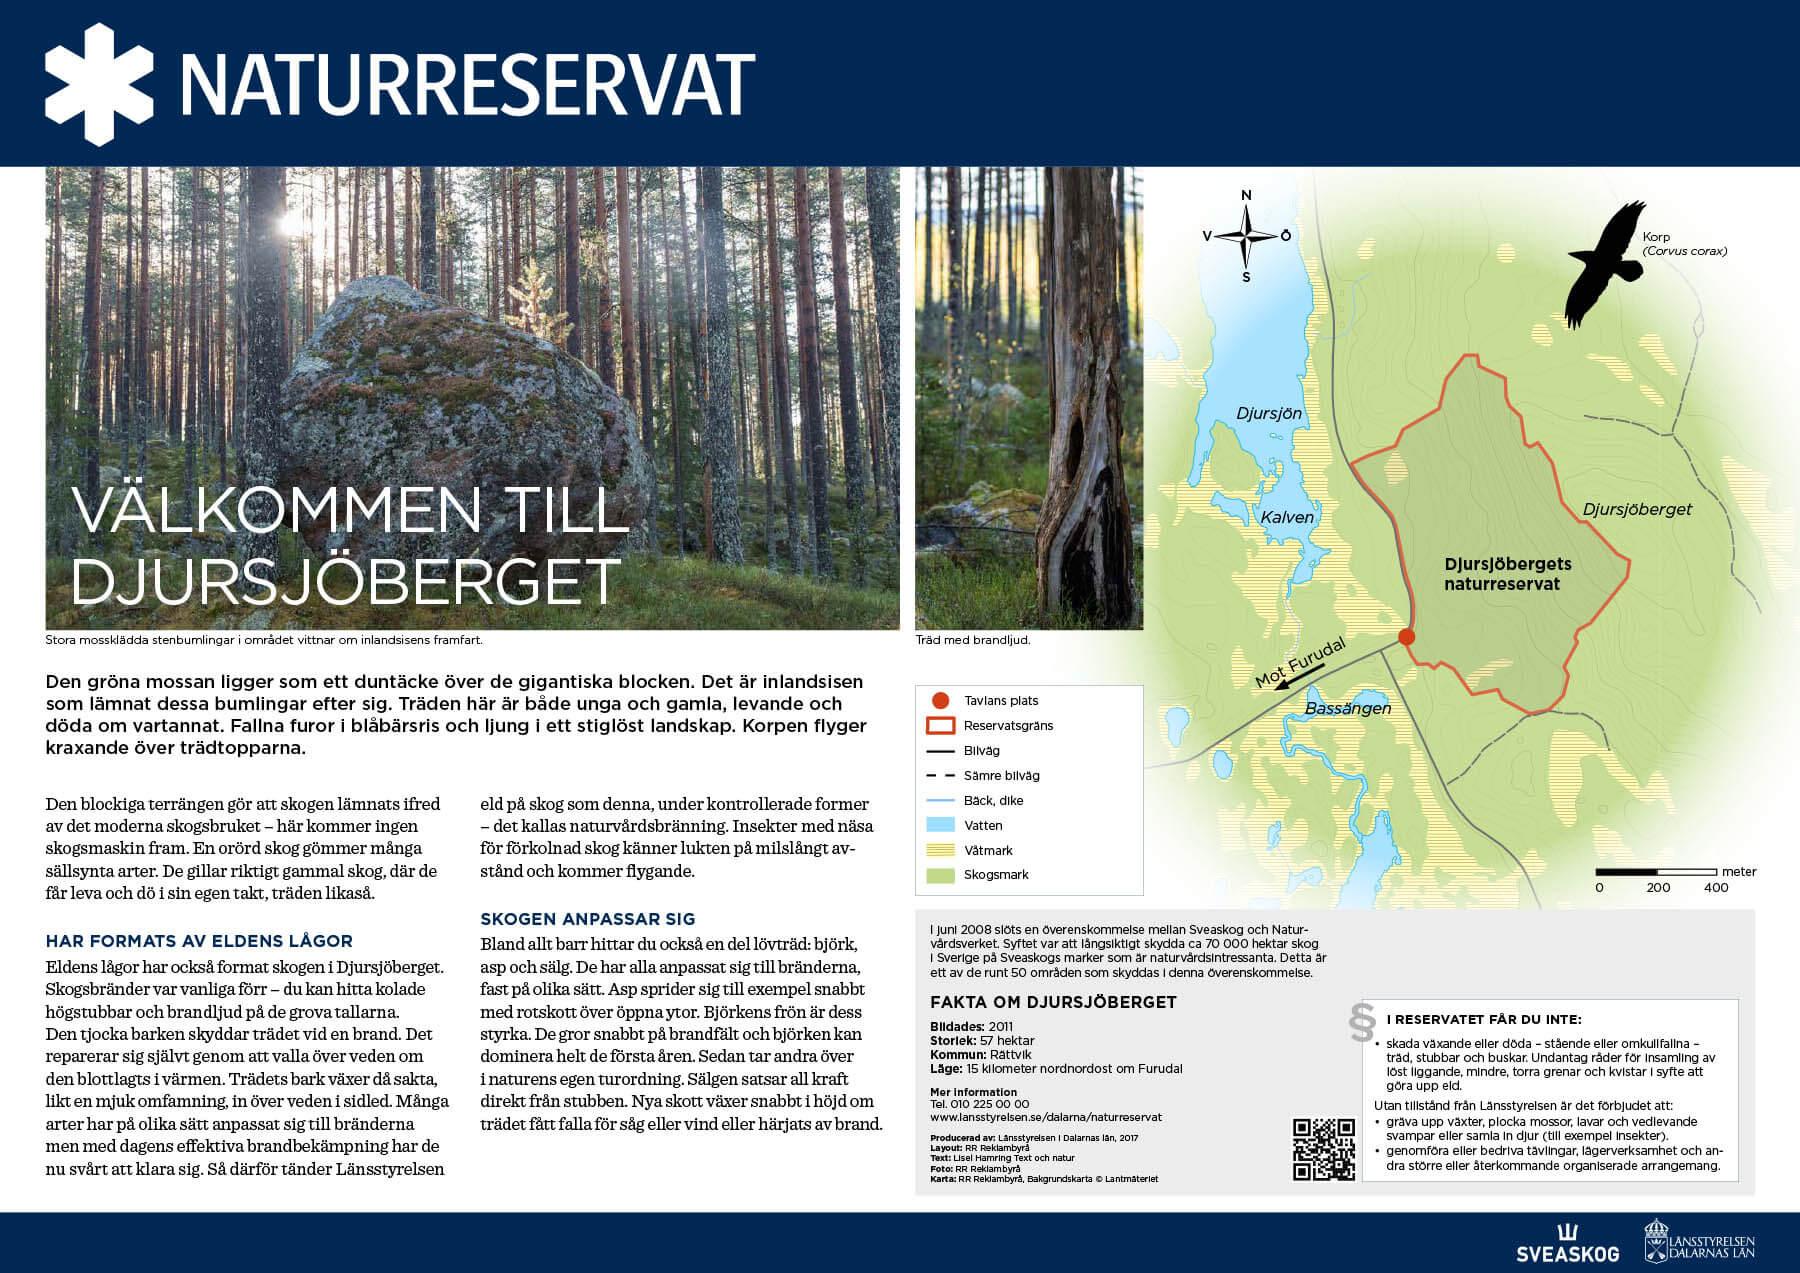 Djursjöberget